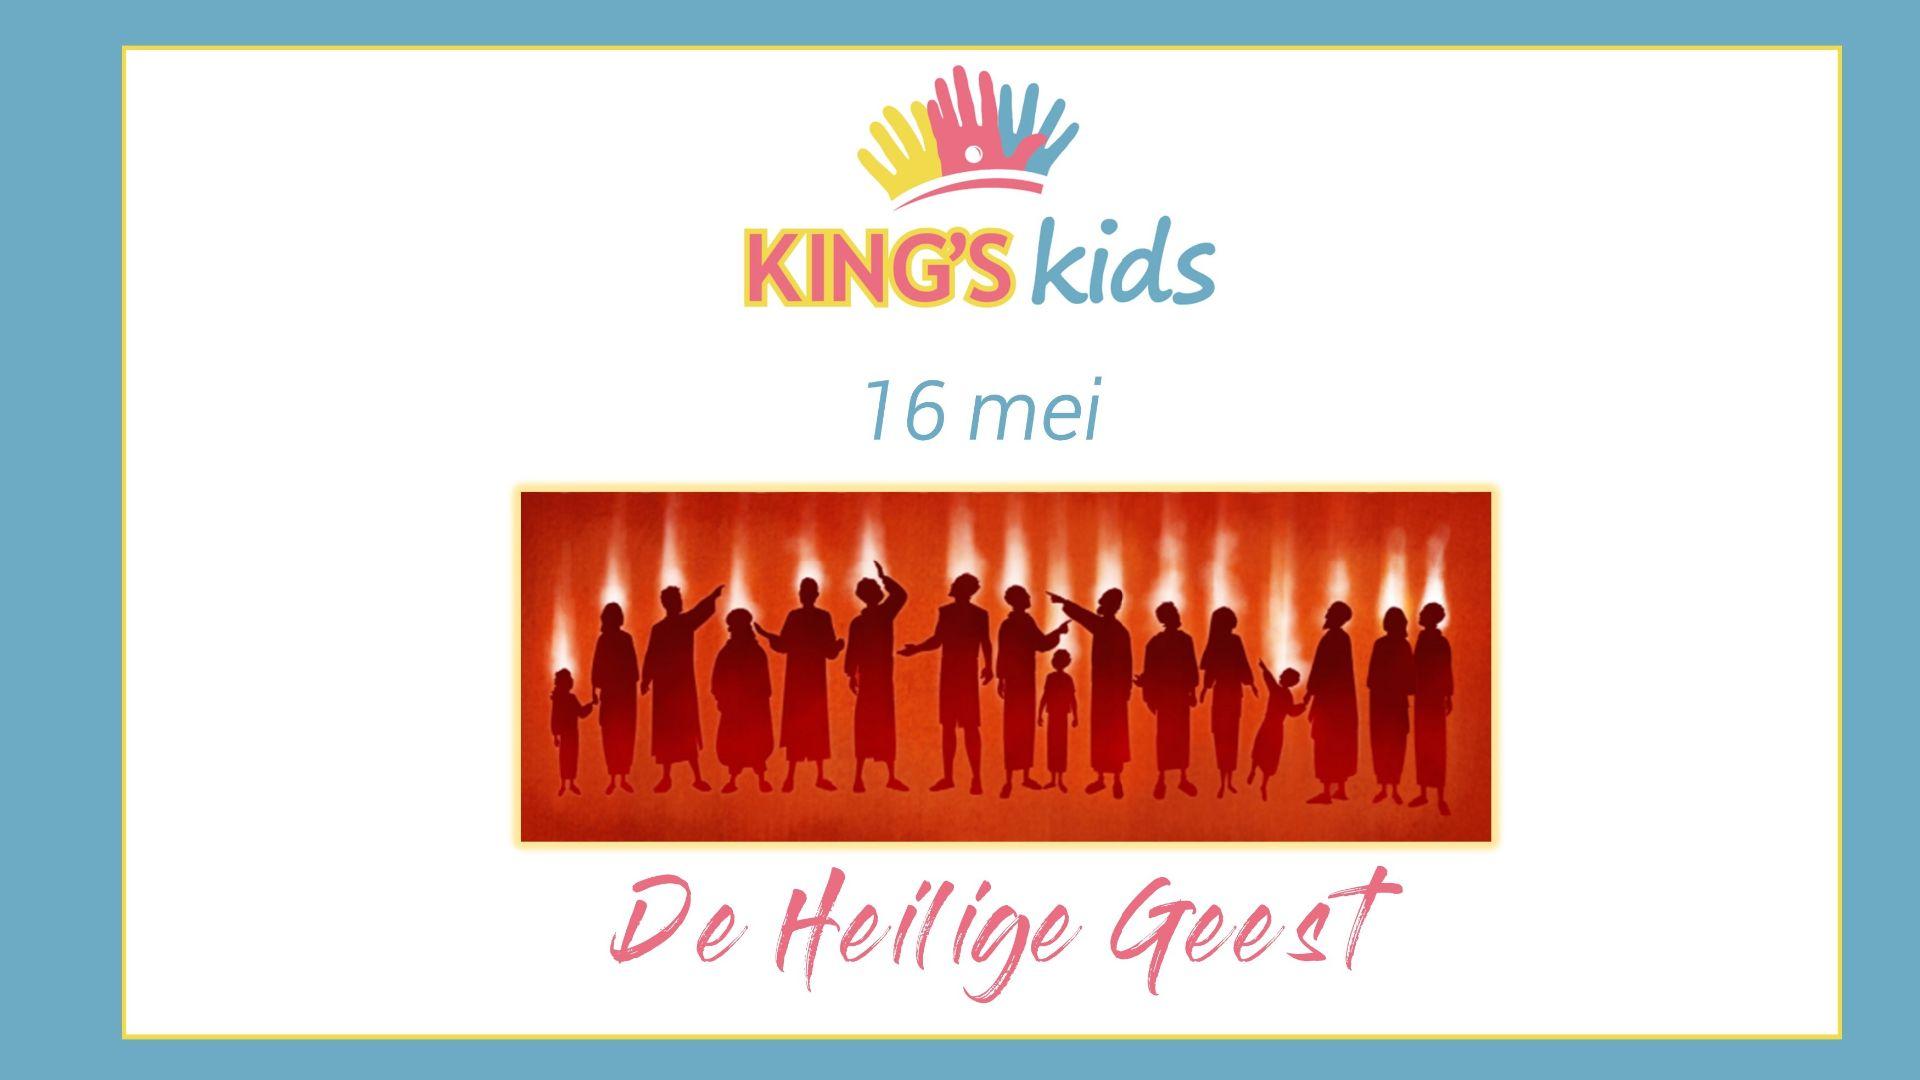 KING'S kids zondag 16 mei